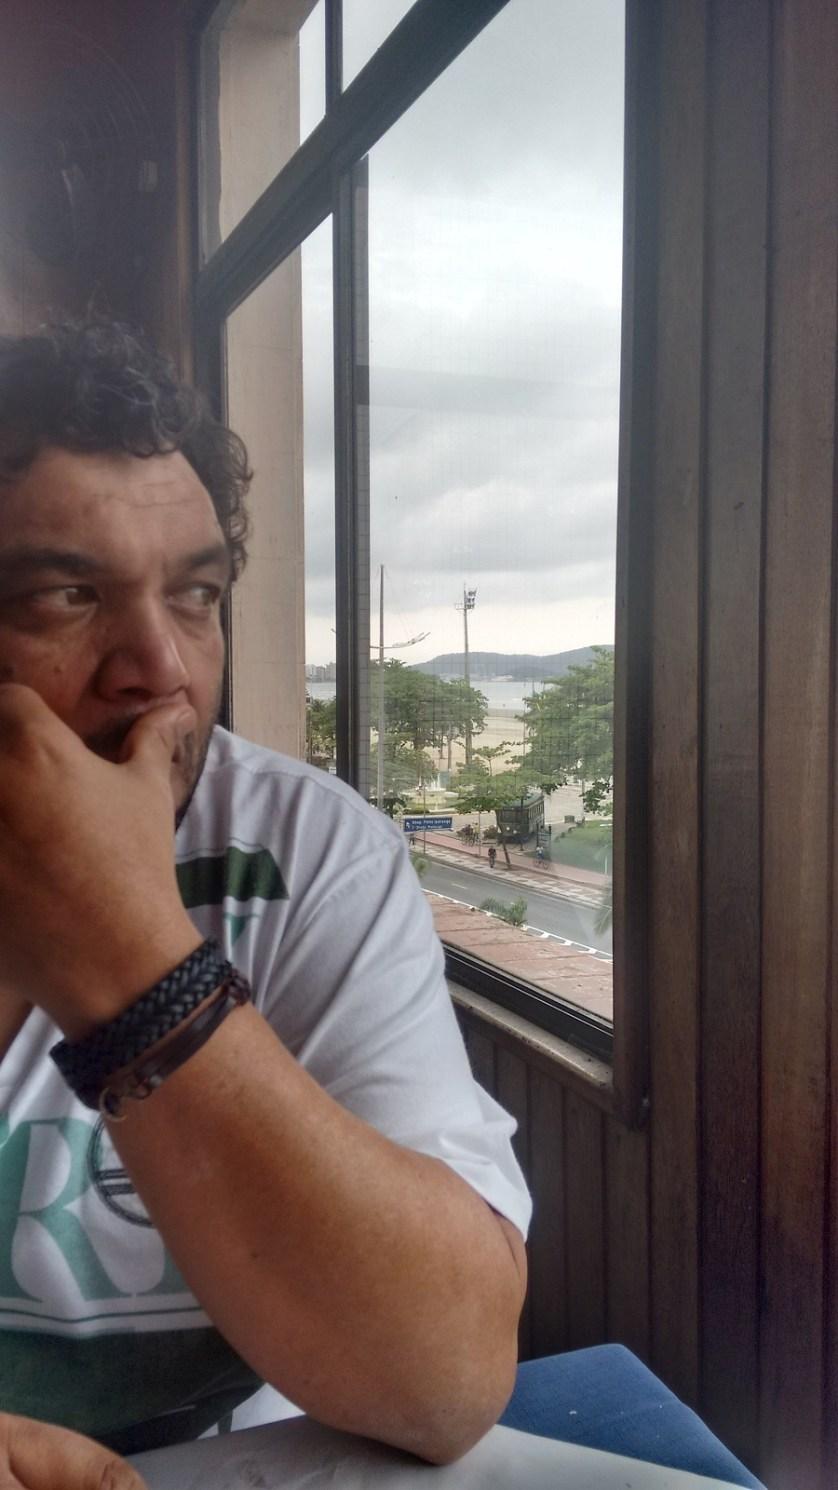 santos-a-cidade-da-vocacao-turistica-e-hospedeira-refeitorio-do-hotel-avenida